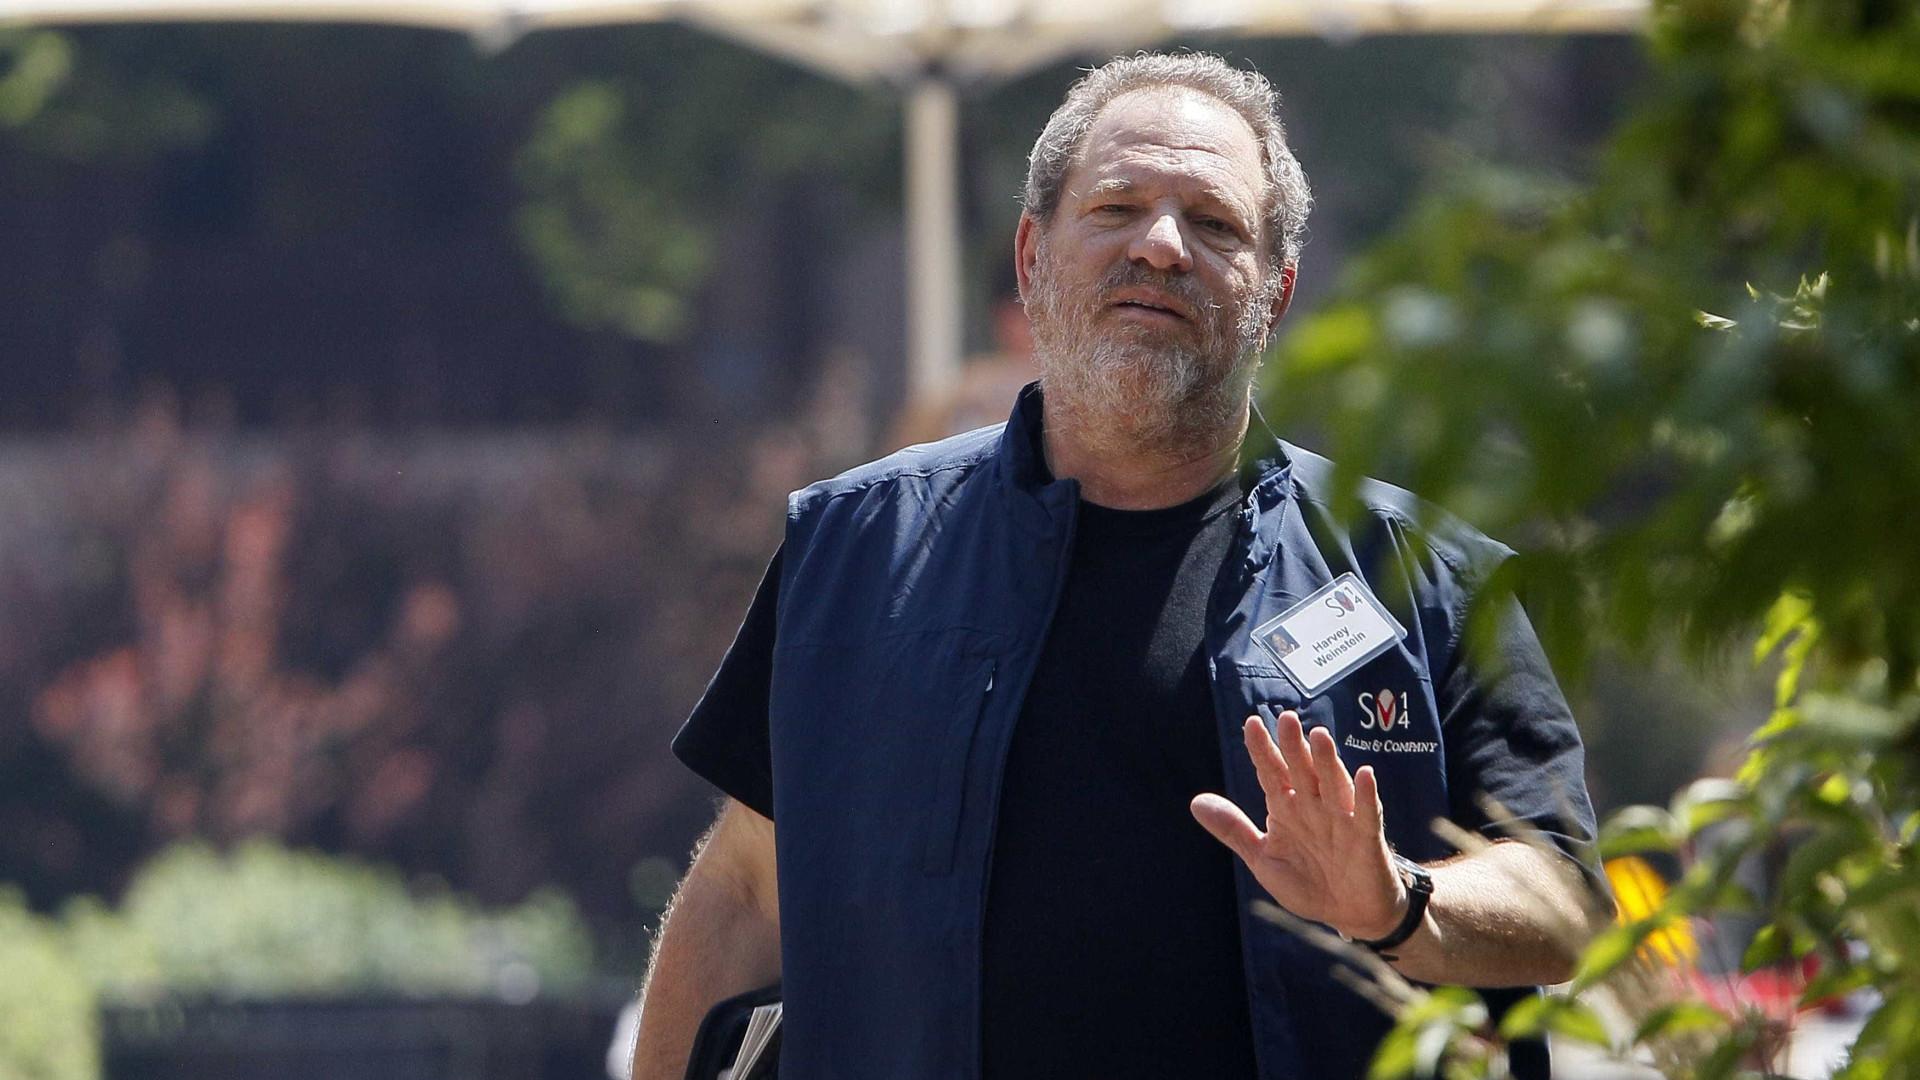 Procuradoria de NY processa Weinstein por casos de abuso